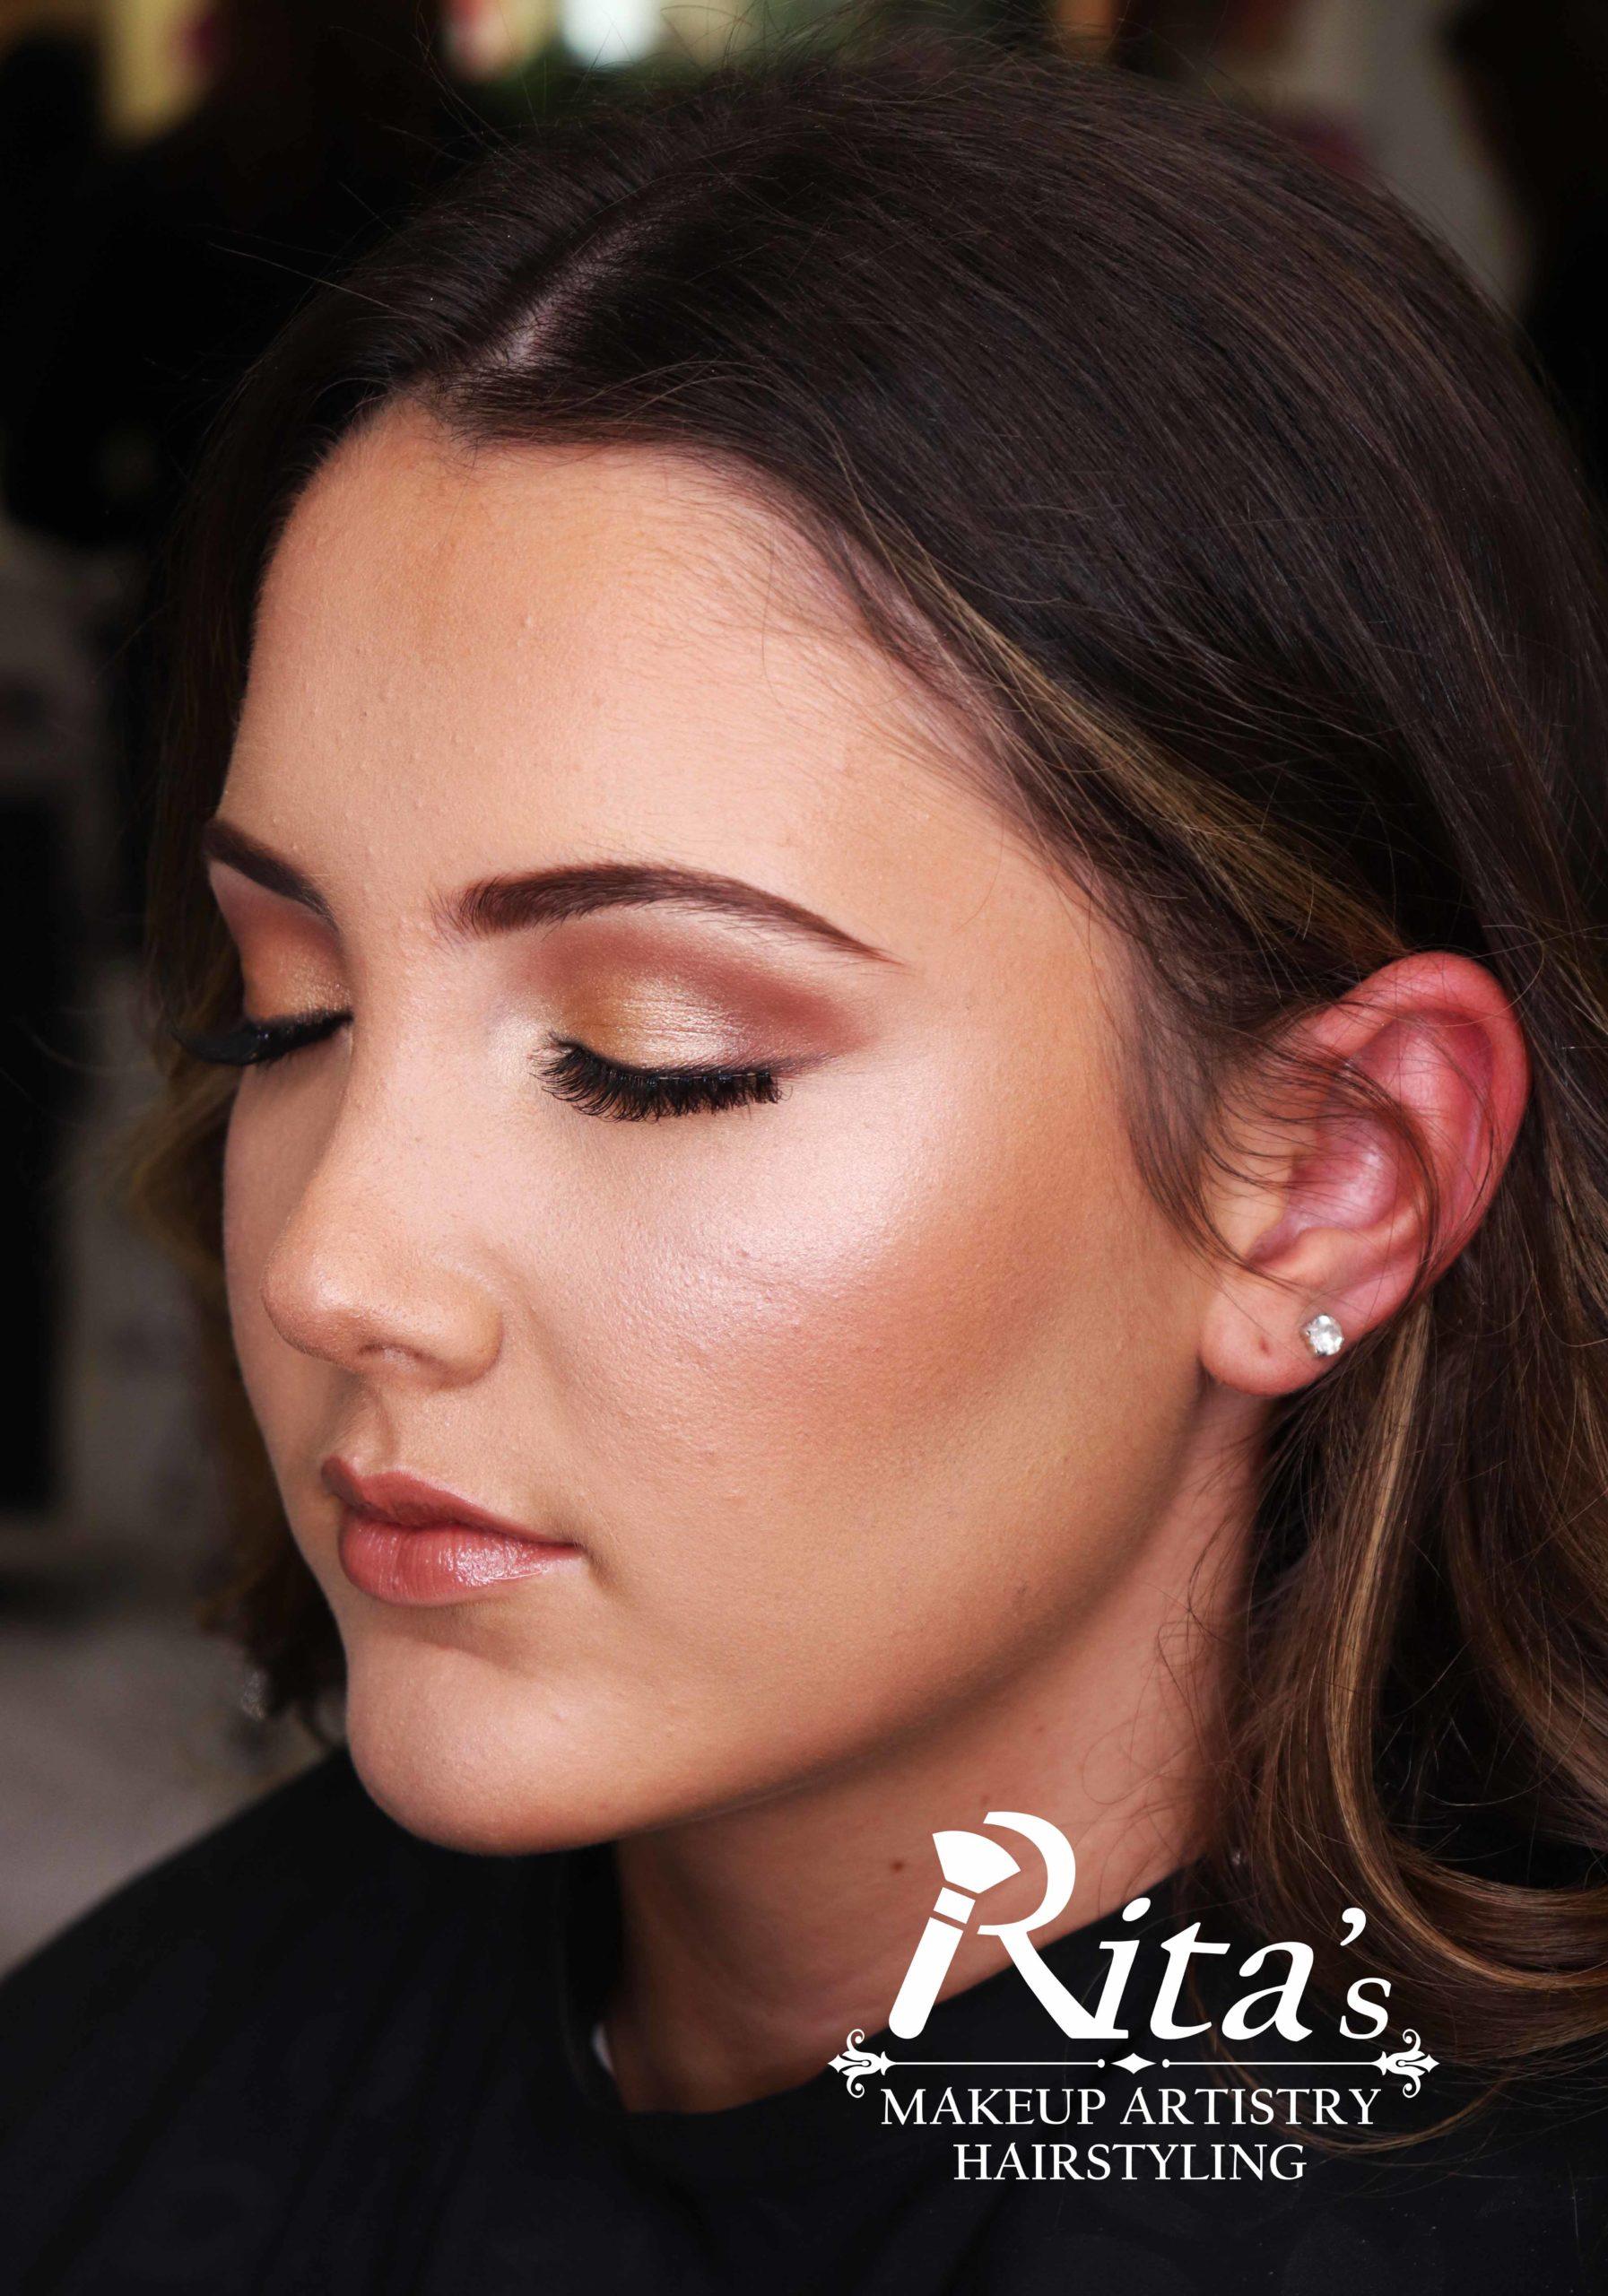 Rita's Makeup Artistry Bridal Wedding Makeup